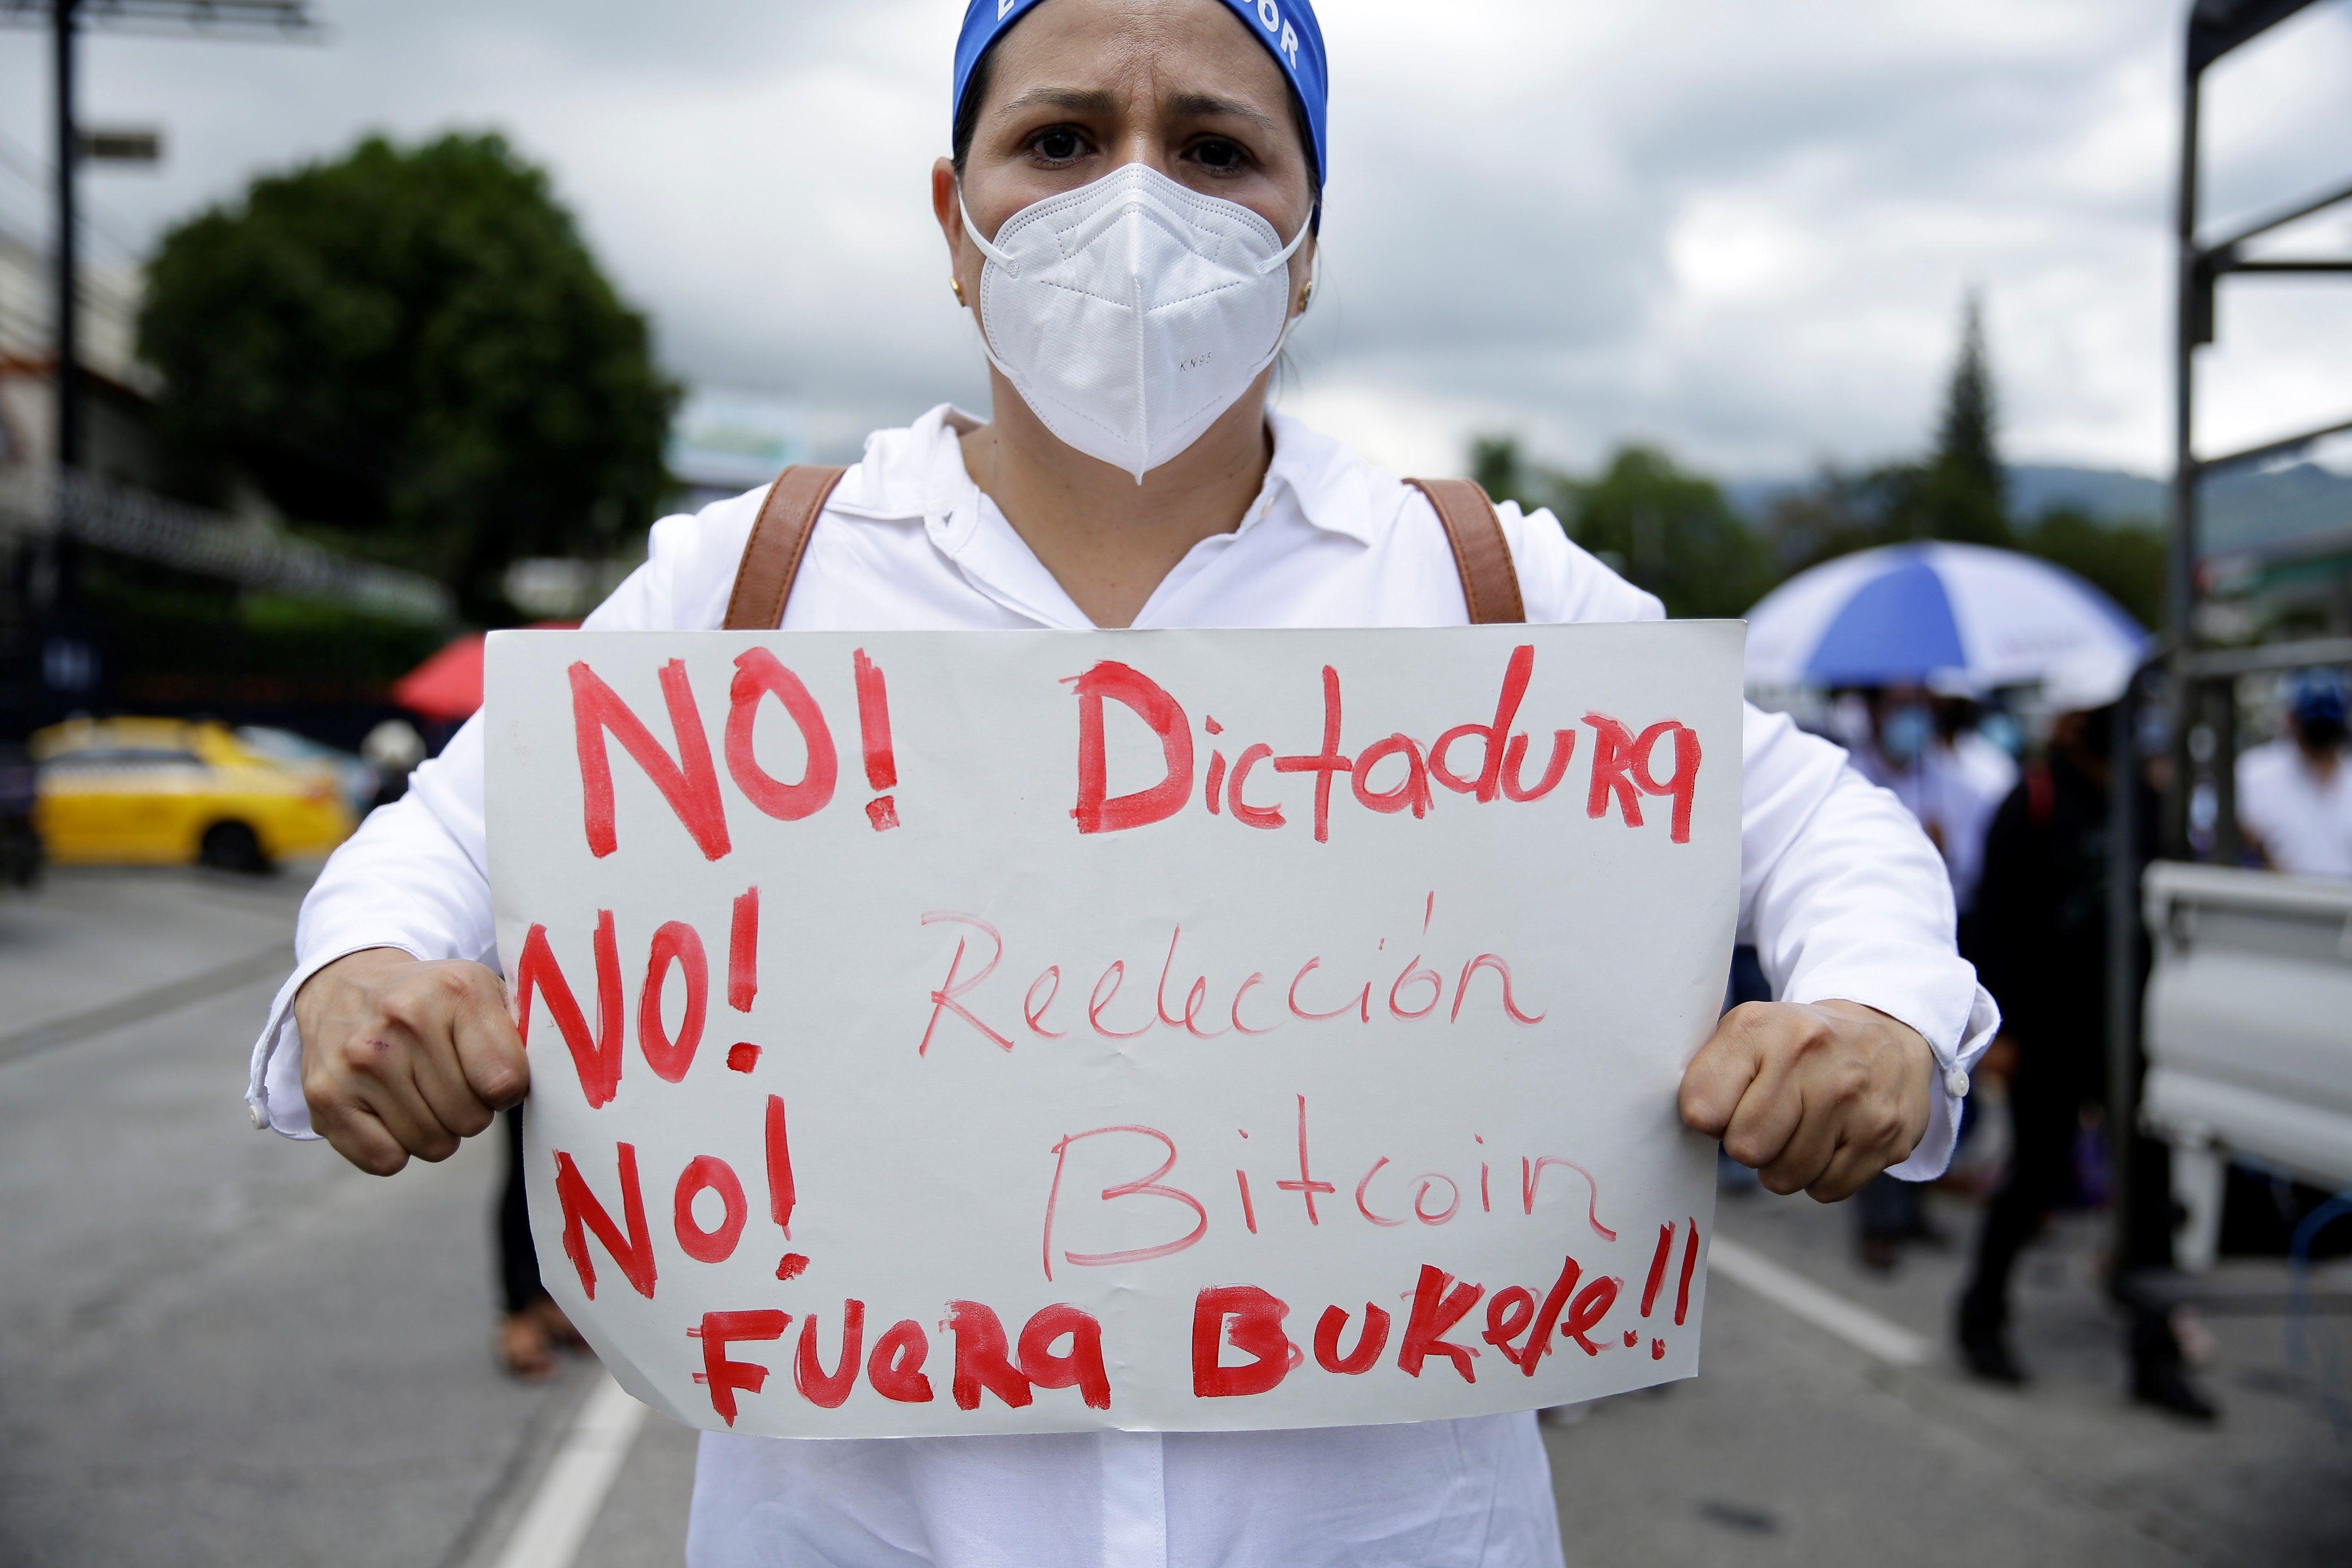 Bukele acusa a la comunidad internacional de financiar a la oposición tras la masiva protesta en su contra